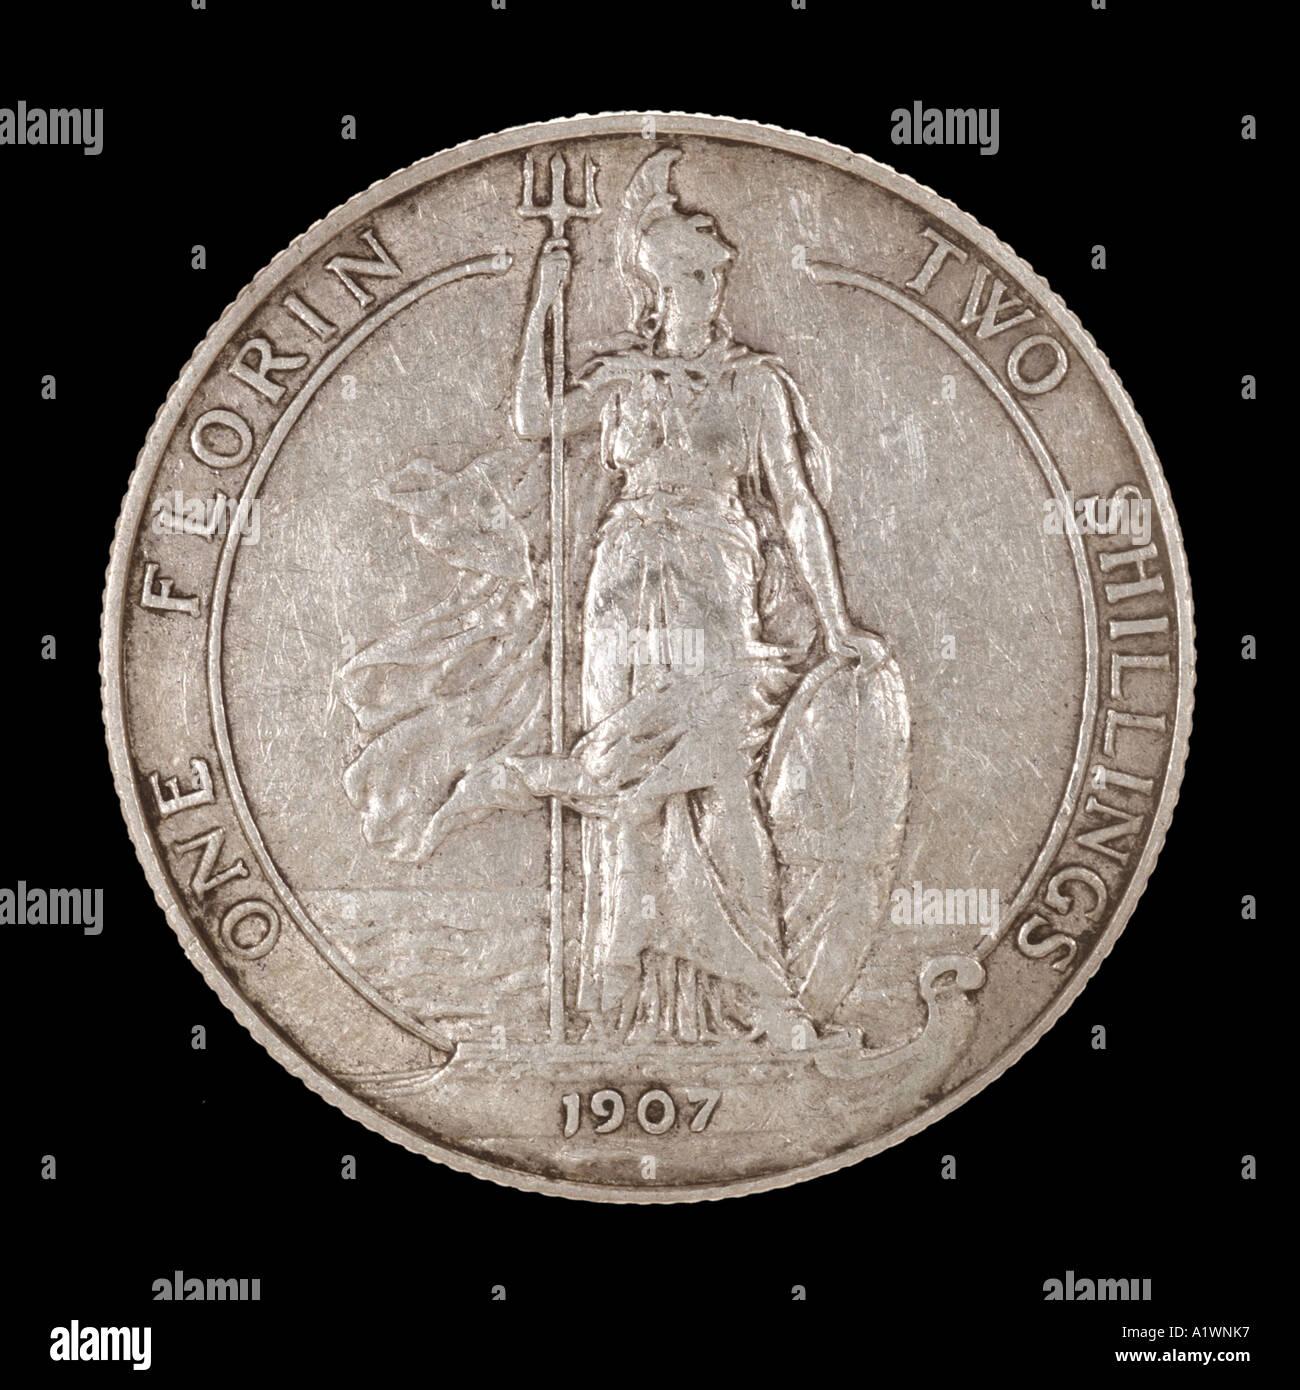 La regina Victoria Reg fid def pre decimale scellino 2 Florin 24 venti quattro vecchi pence P 1899 argento brillante Britannia omn rex dei Immagini Stock